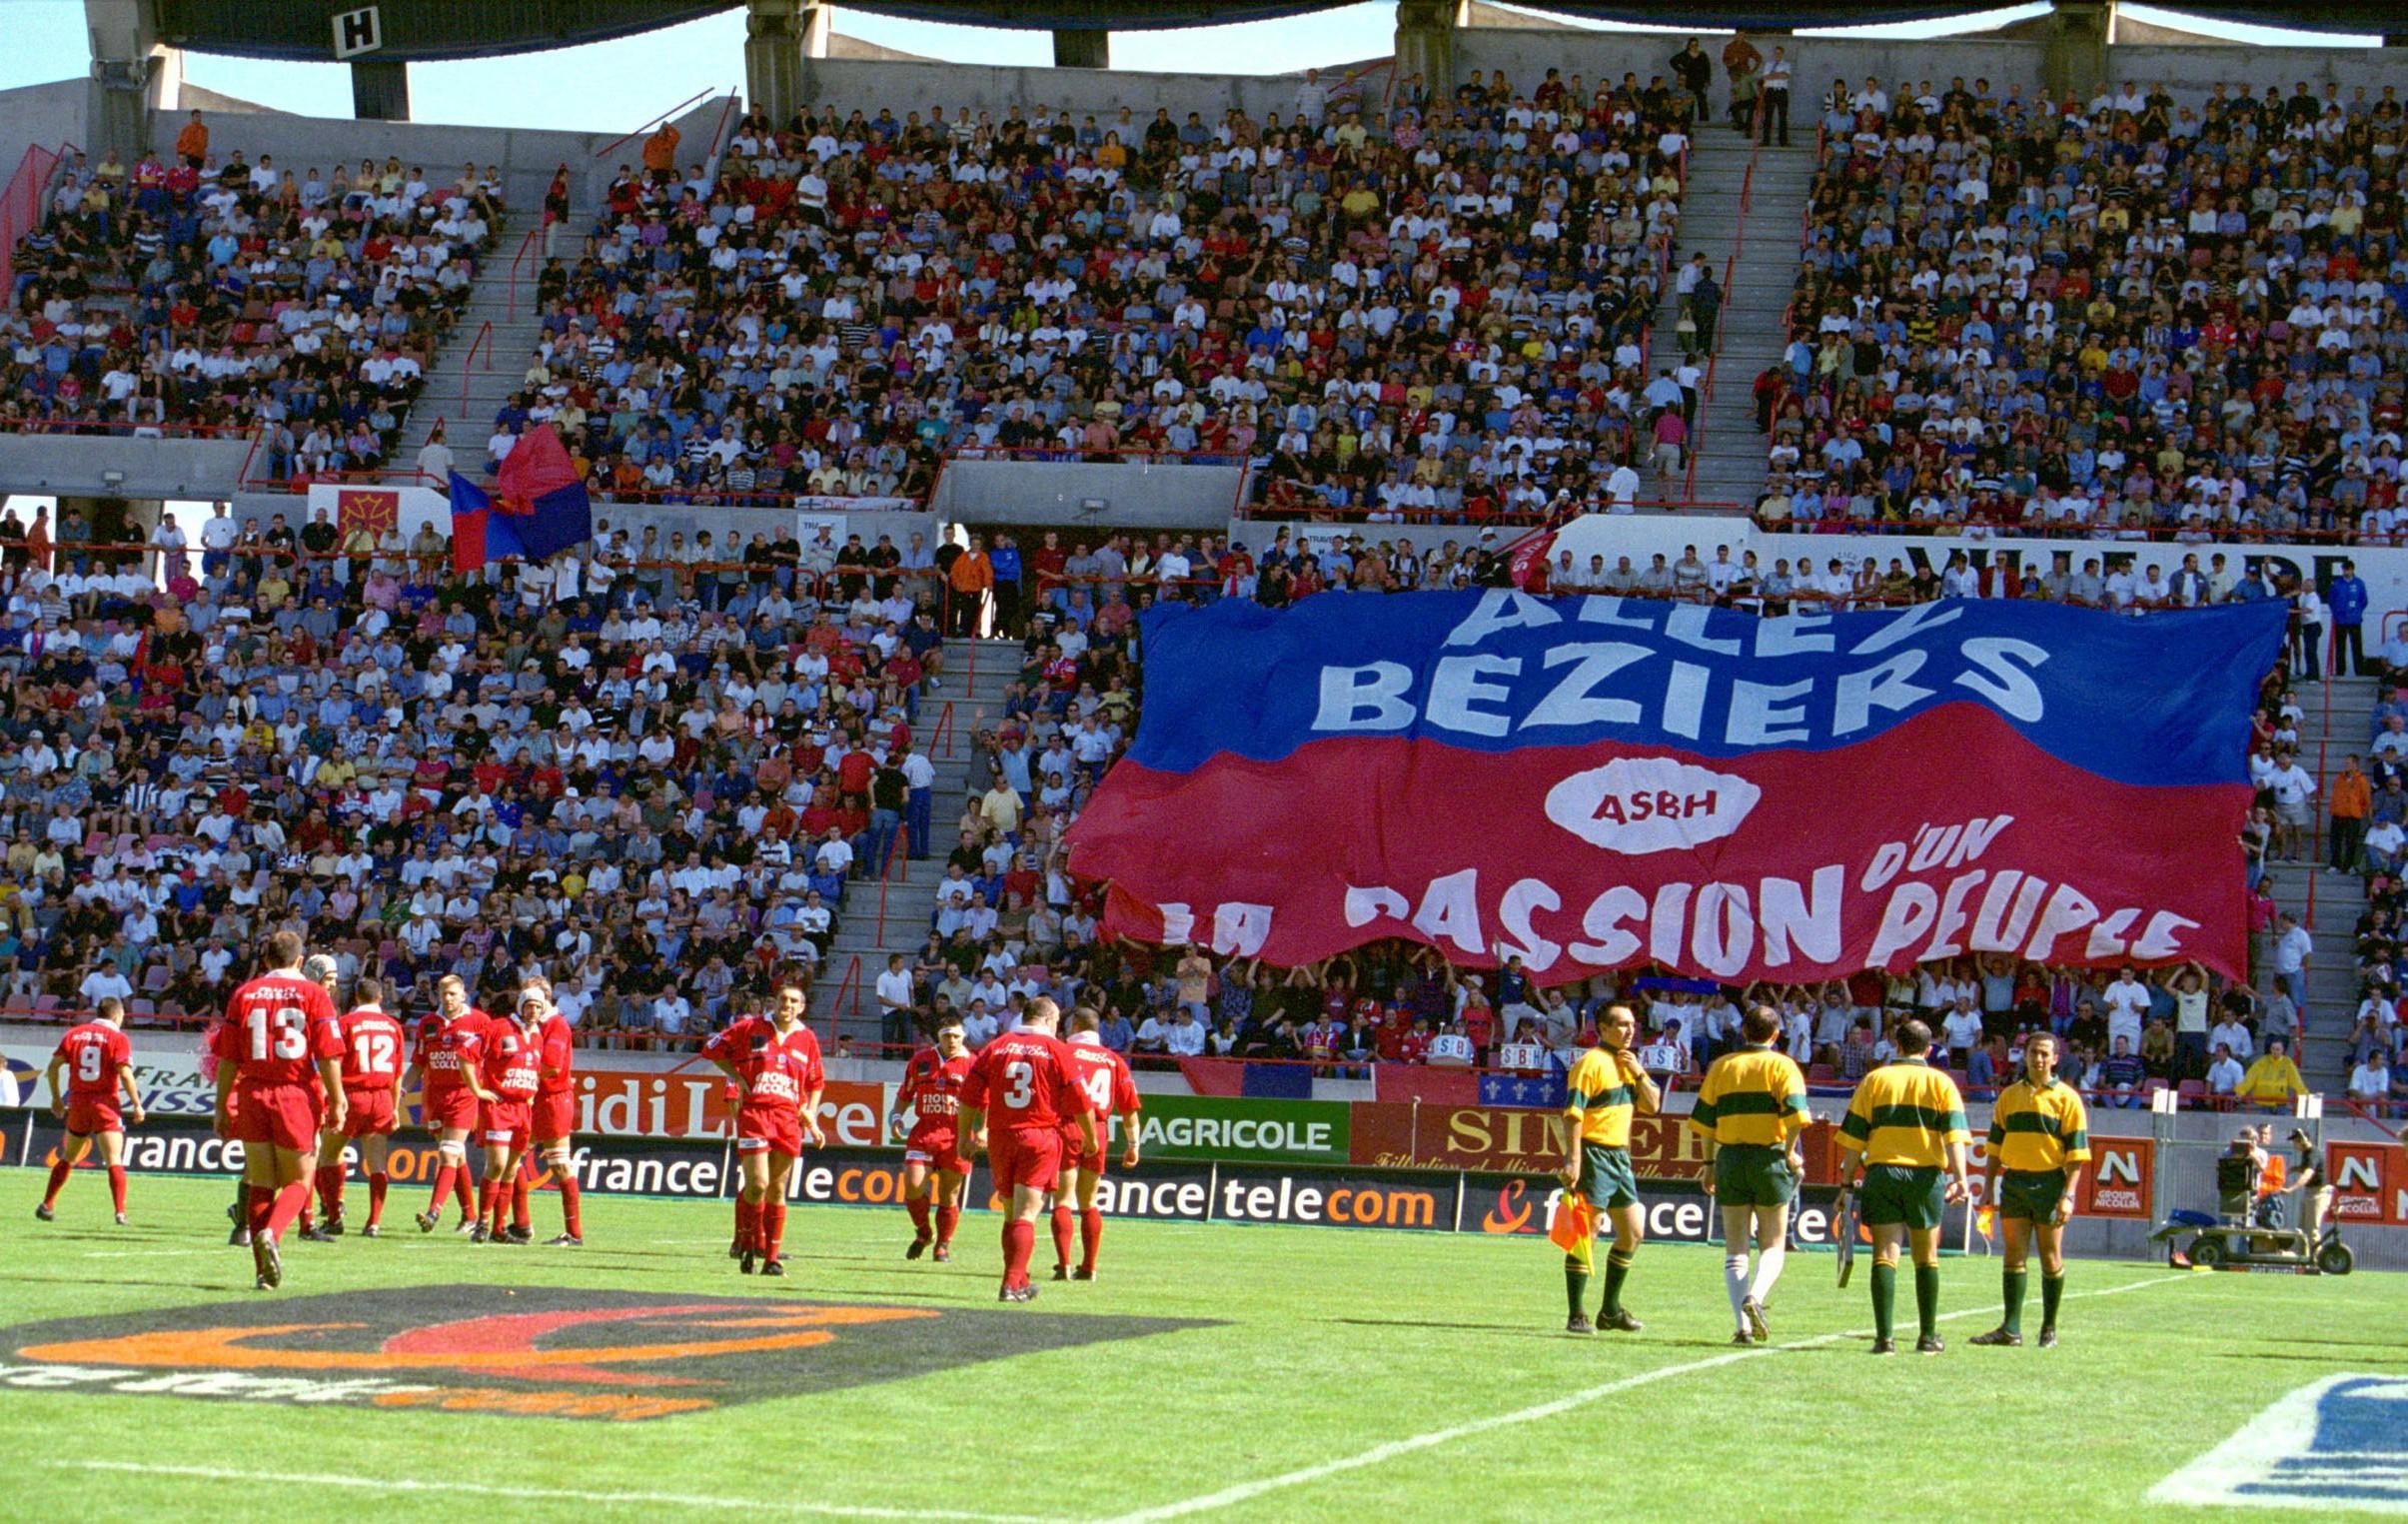 Rugby - Pro D2 - Rachat de Béziers : les doutes des propriétaires du club sur le «mystérieux milliardaire émirati»